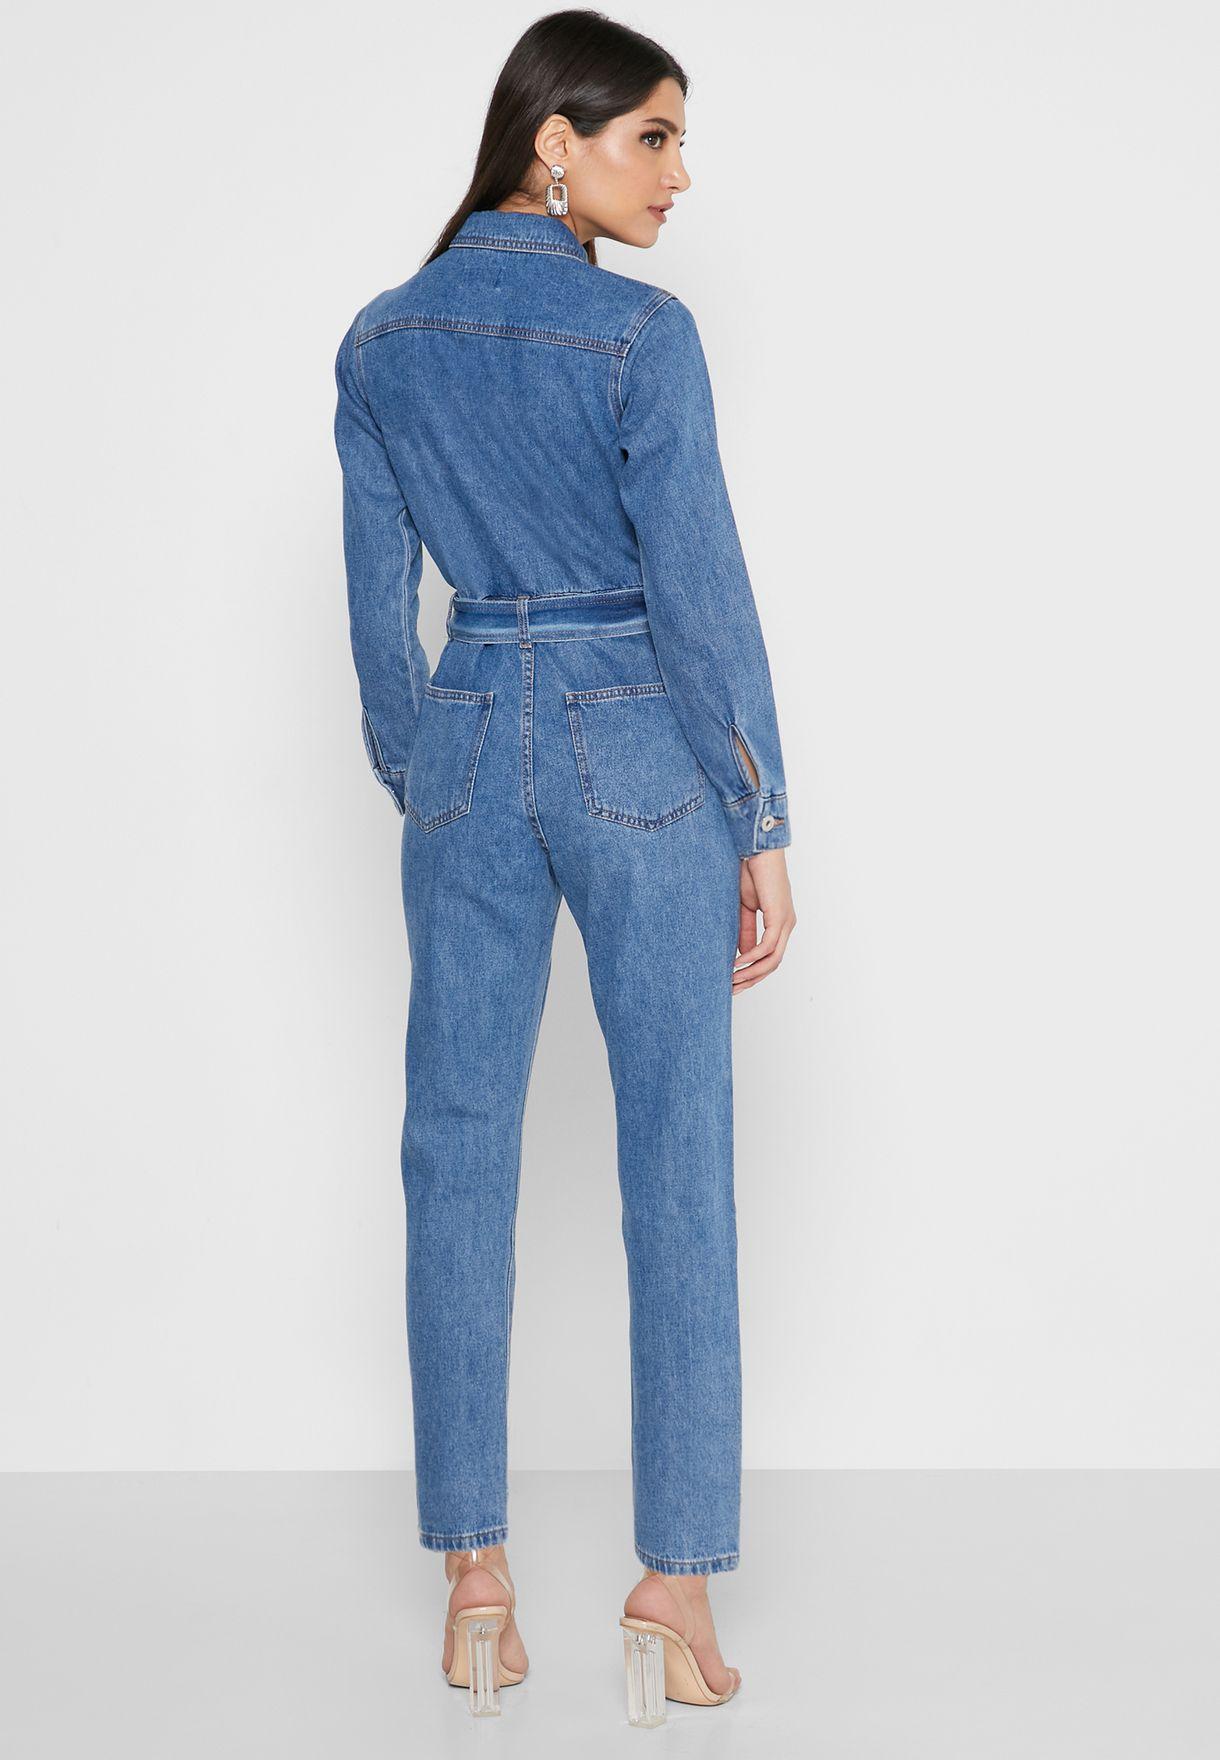 افرول طويل جينز (جمبسوت) بحزام خصر